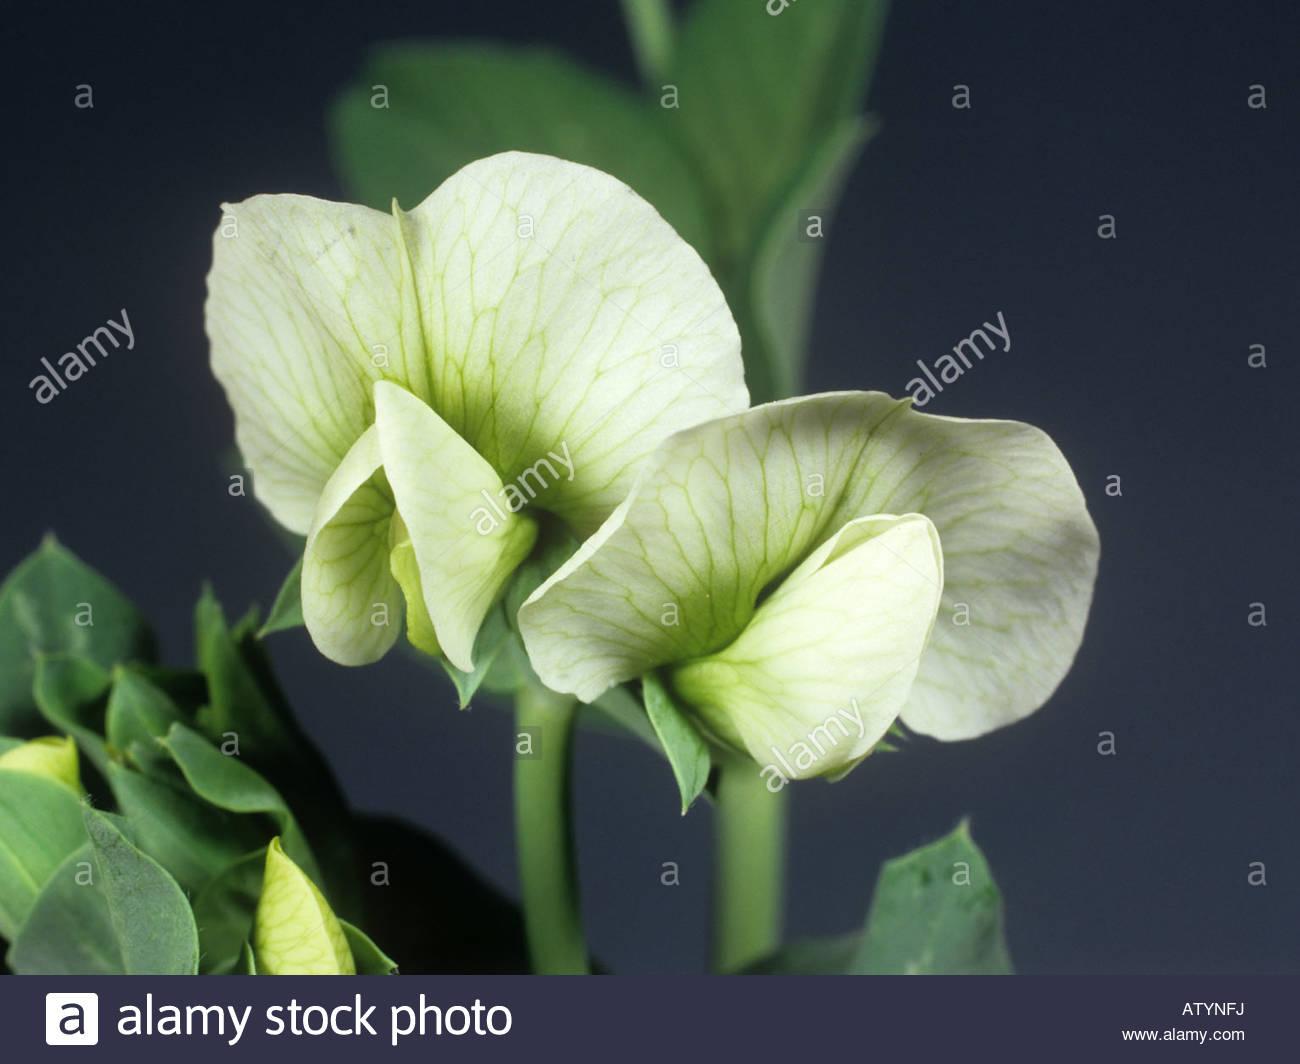 Erbse Blume in Nahaufnahme zeigt fünf Blütenblätter Stockbild